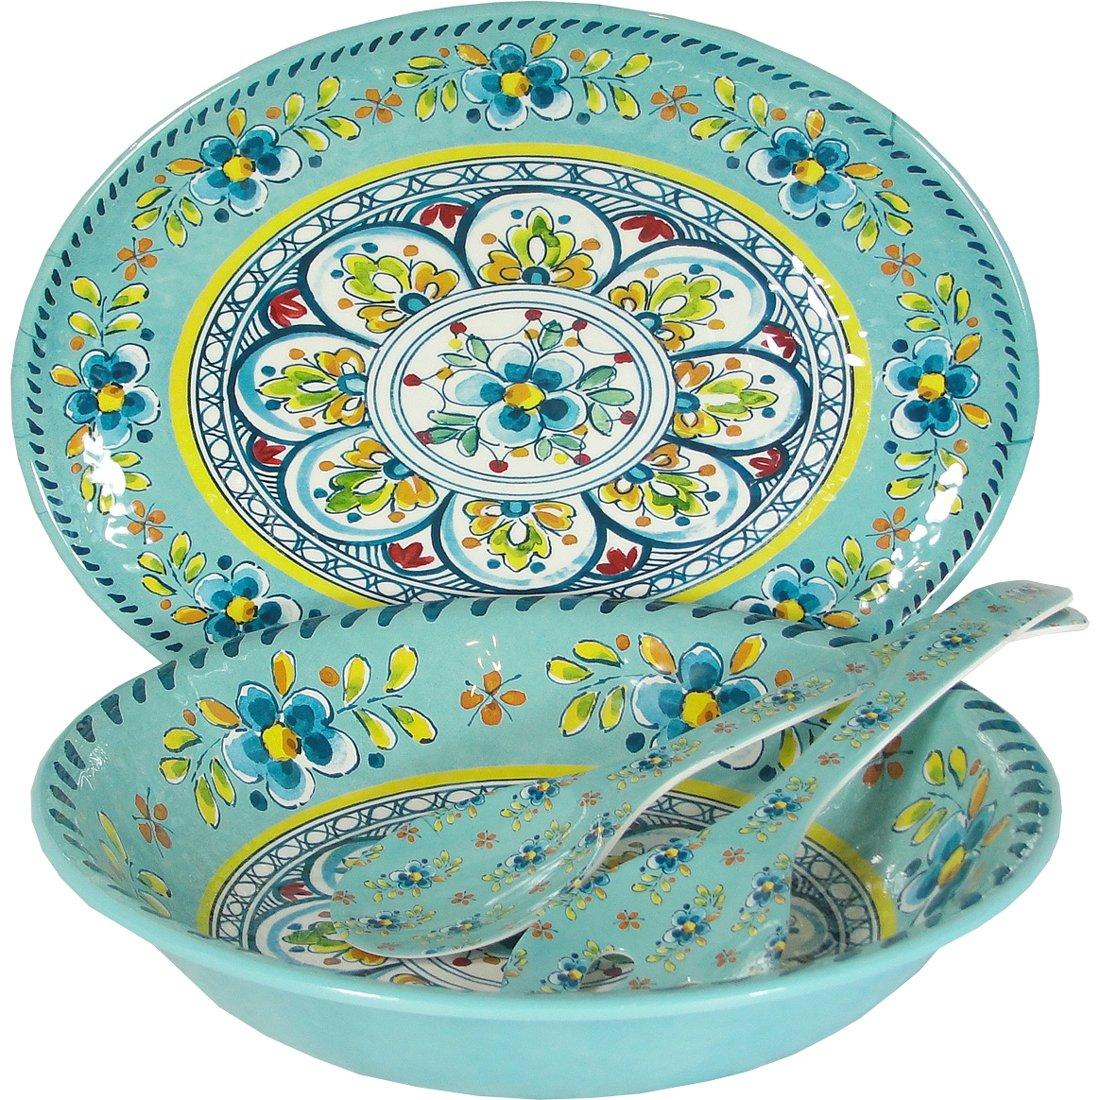 Le Cadeaux Madrid Turquoise - 4 Piece Serving Set